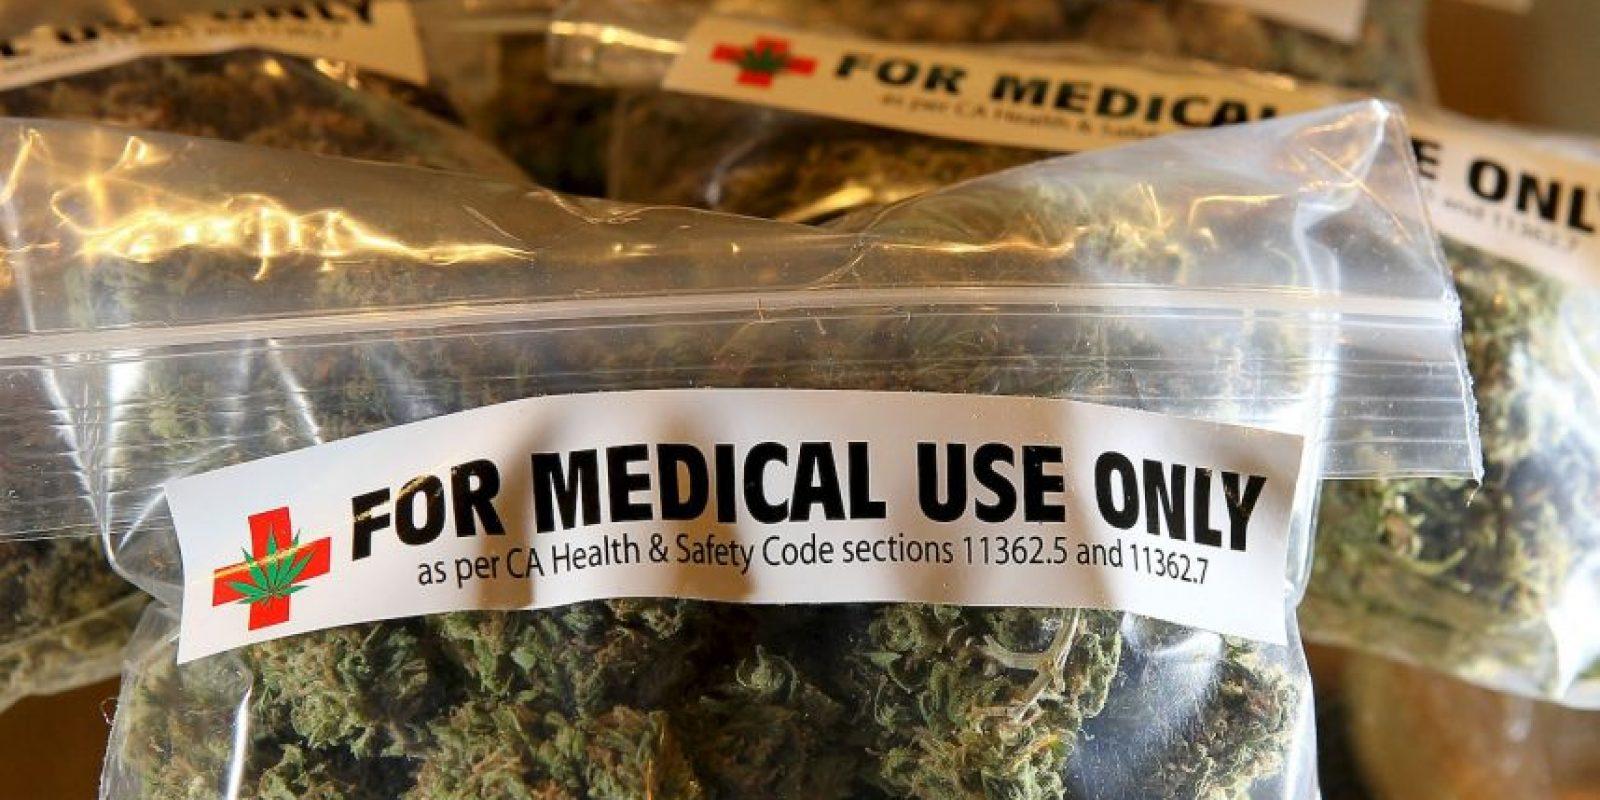 En Estados Unidos el consumo de la marihuana se ha aceptado únicamente para uso médico en algunos estados. Foto:Getty Images